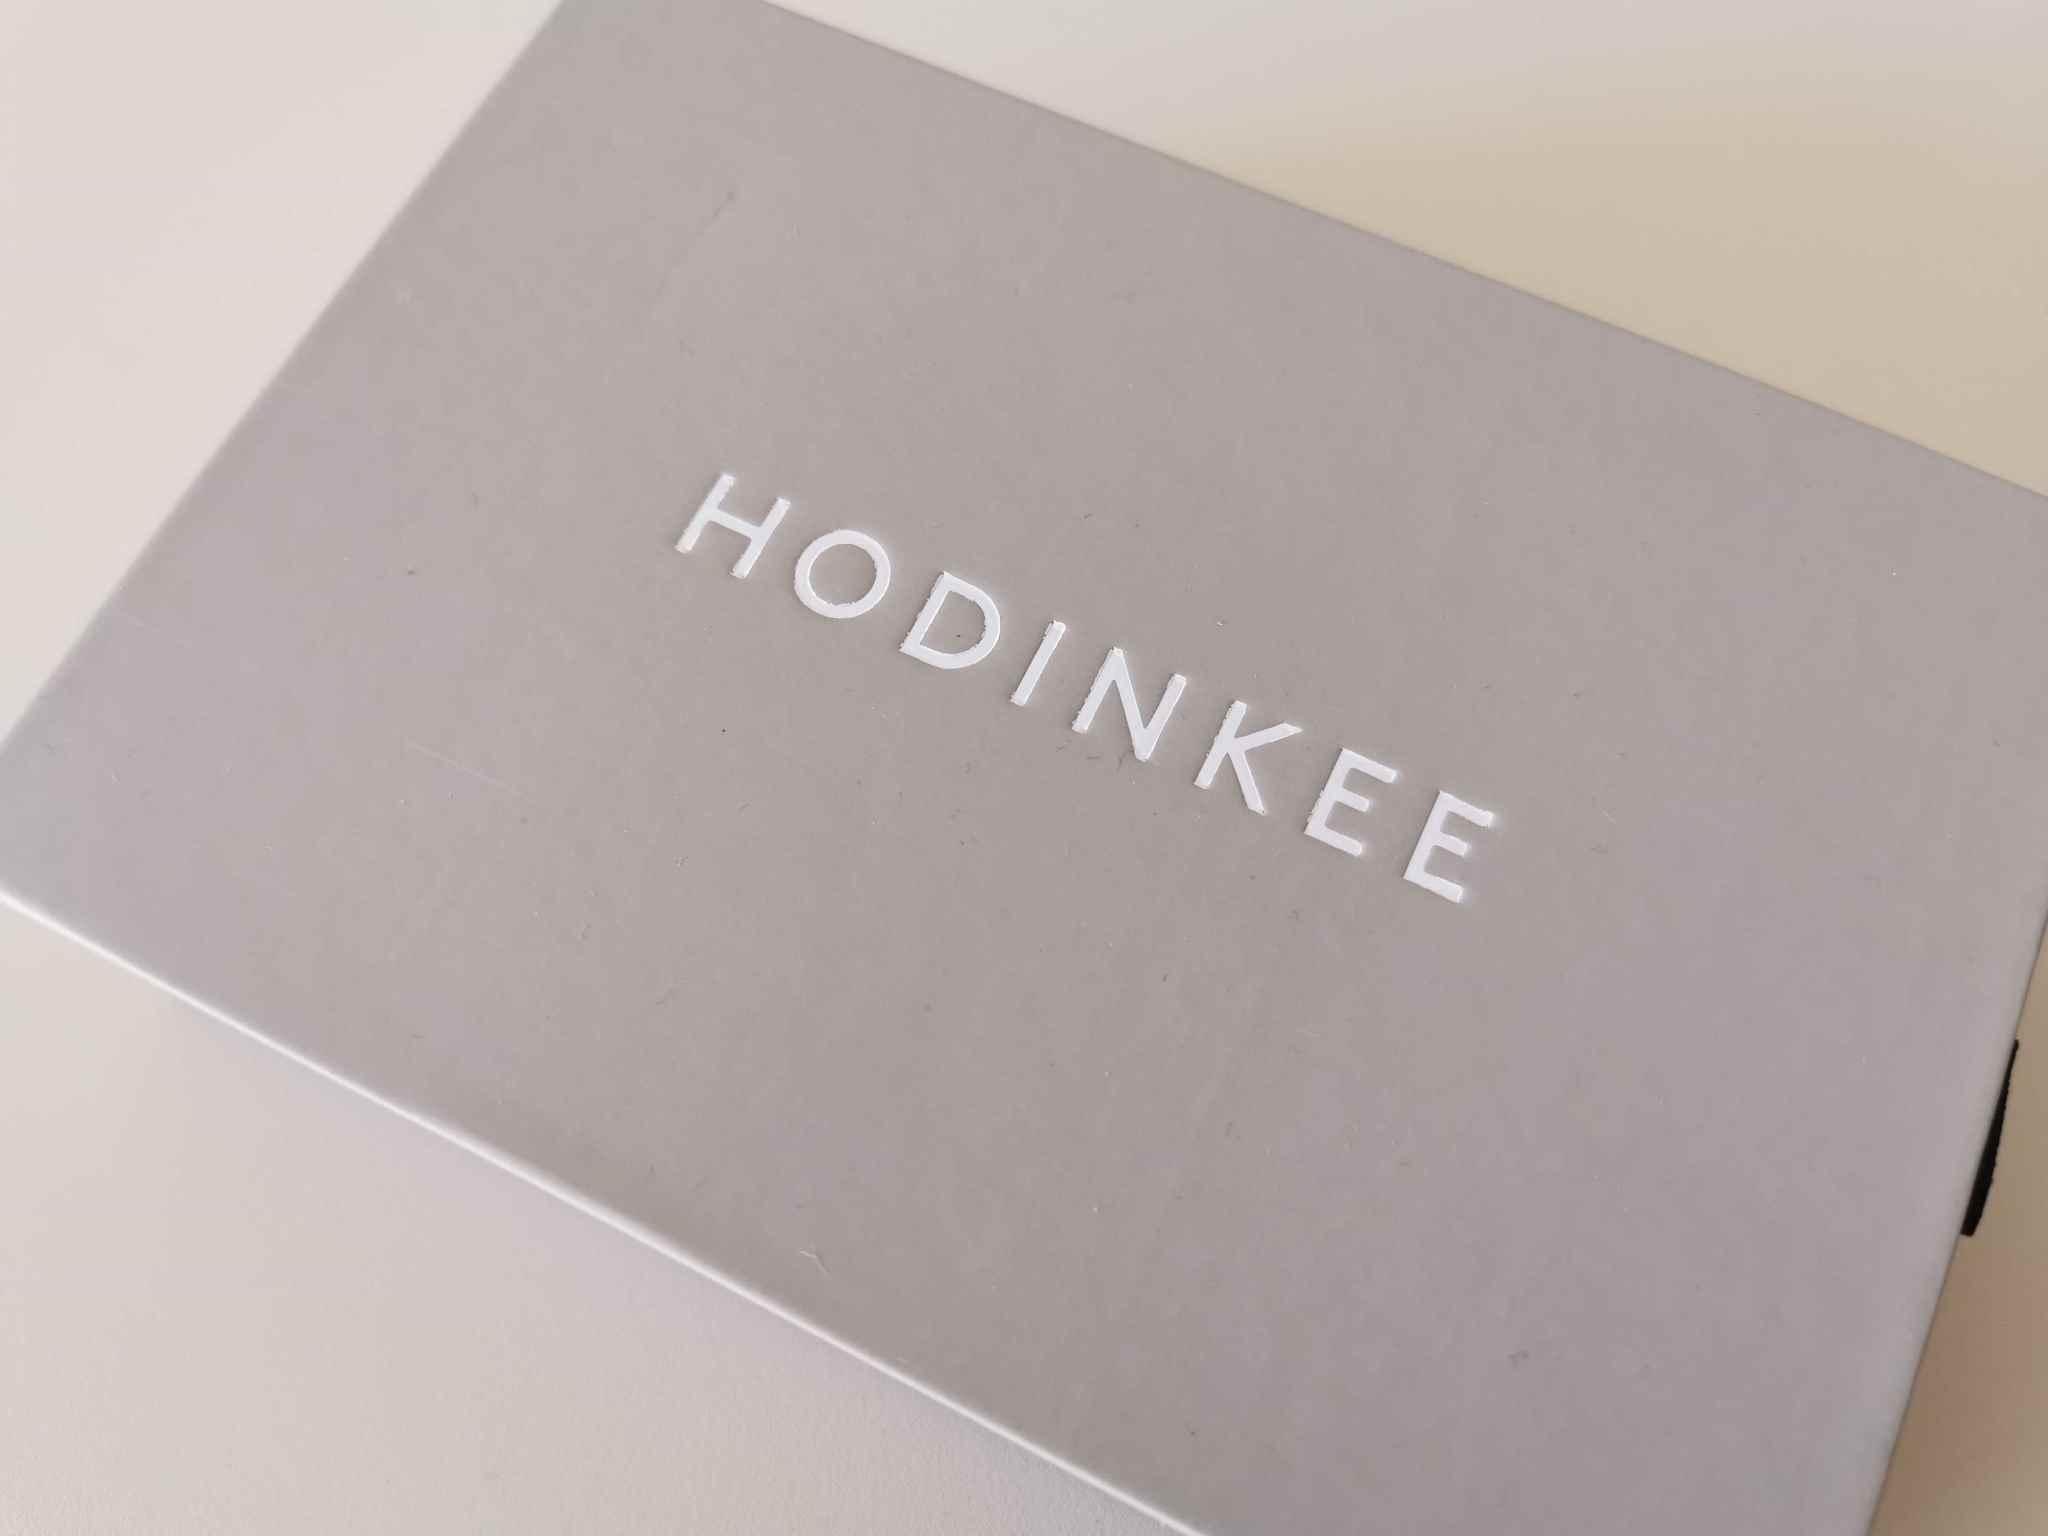 Hodinkee Strap Box